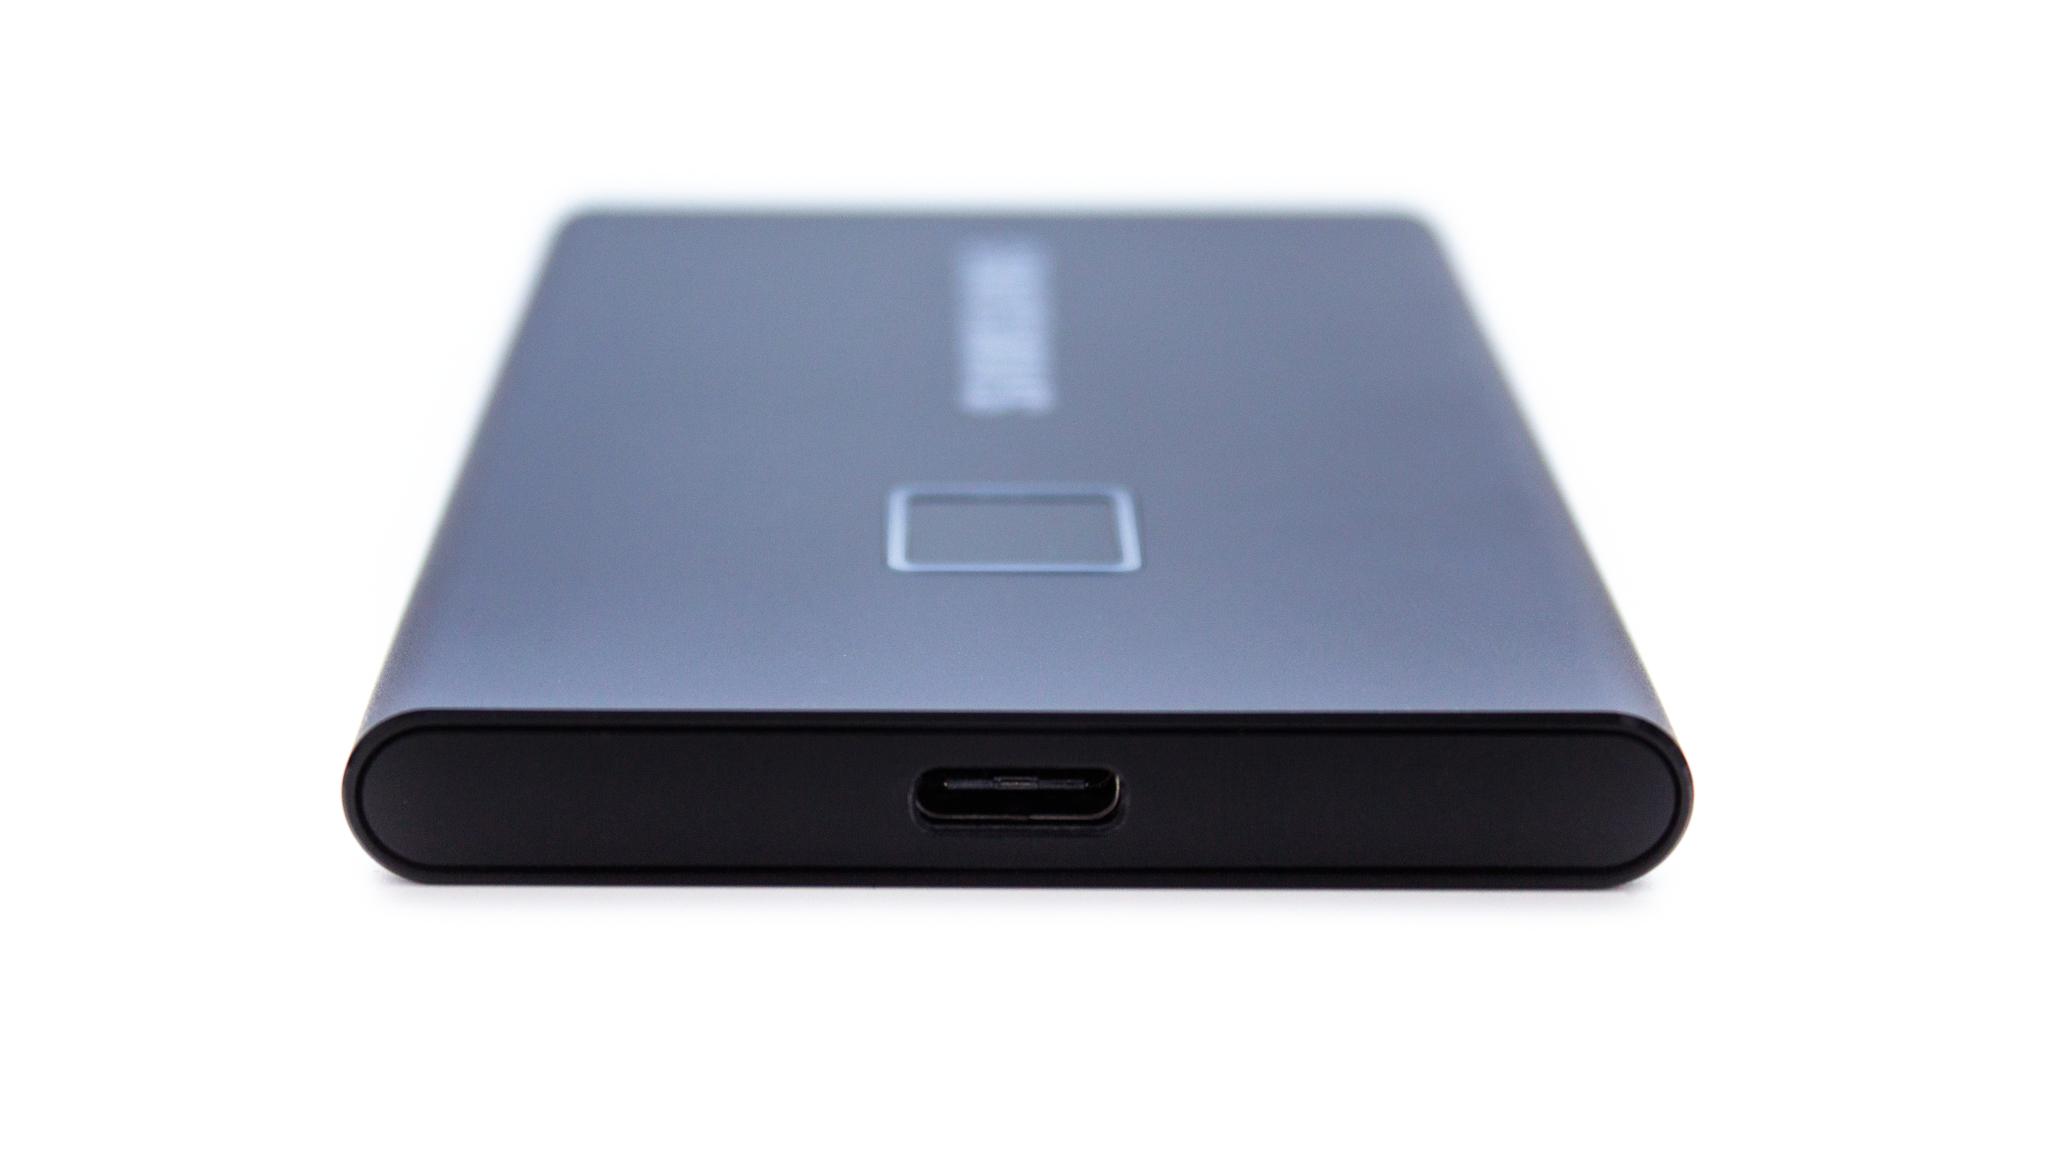 Samsung Portable SSD T7 Touch - dysk chroniony odciskiem palca (test) 20